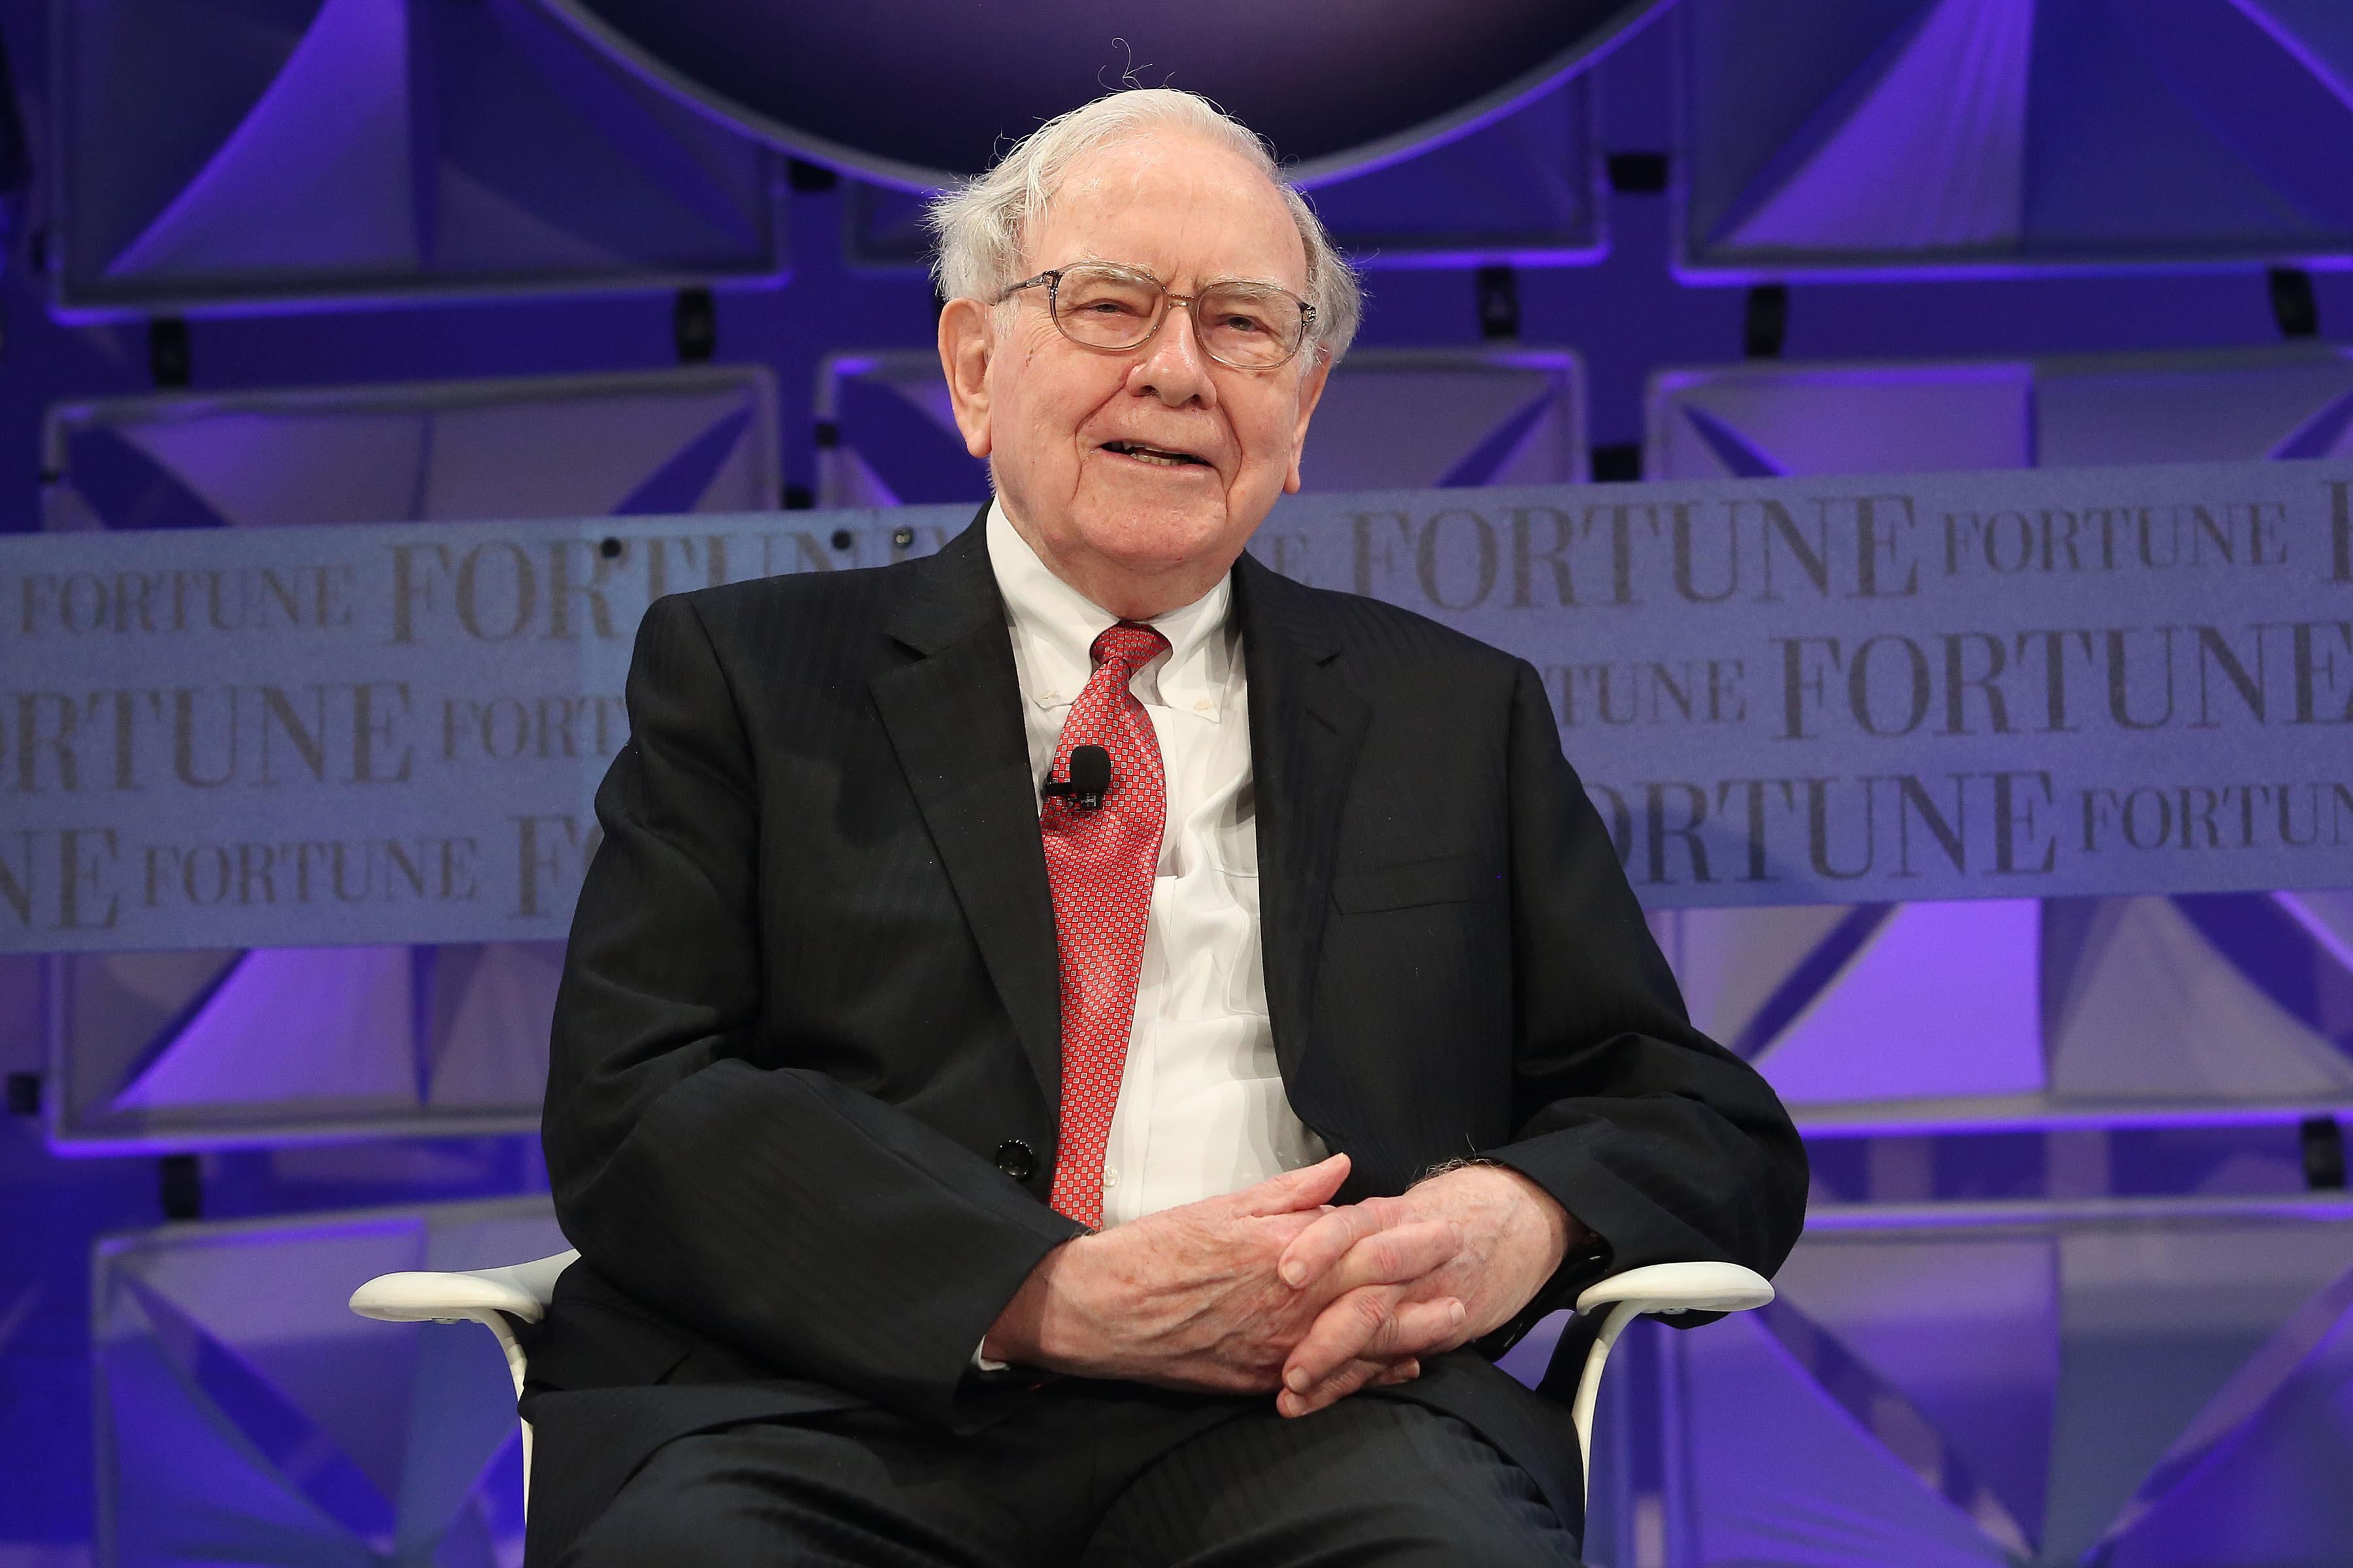 Warren Buffett vẫn đang giữ chức giám đốc điều hành tập đoànBerkshire Hathaway ở tuổi 91. Ảnh: Behavioral Value Investor